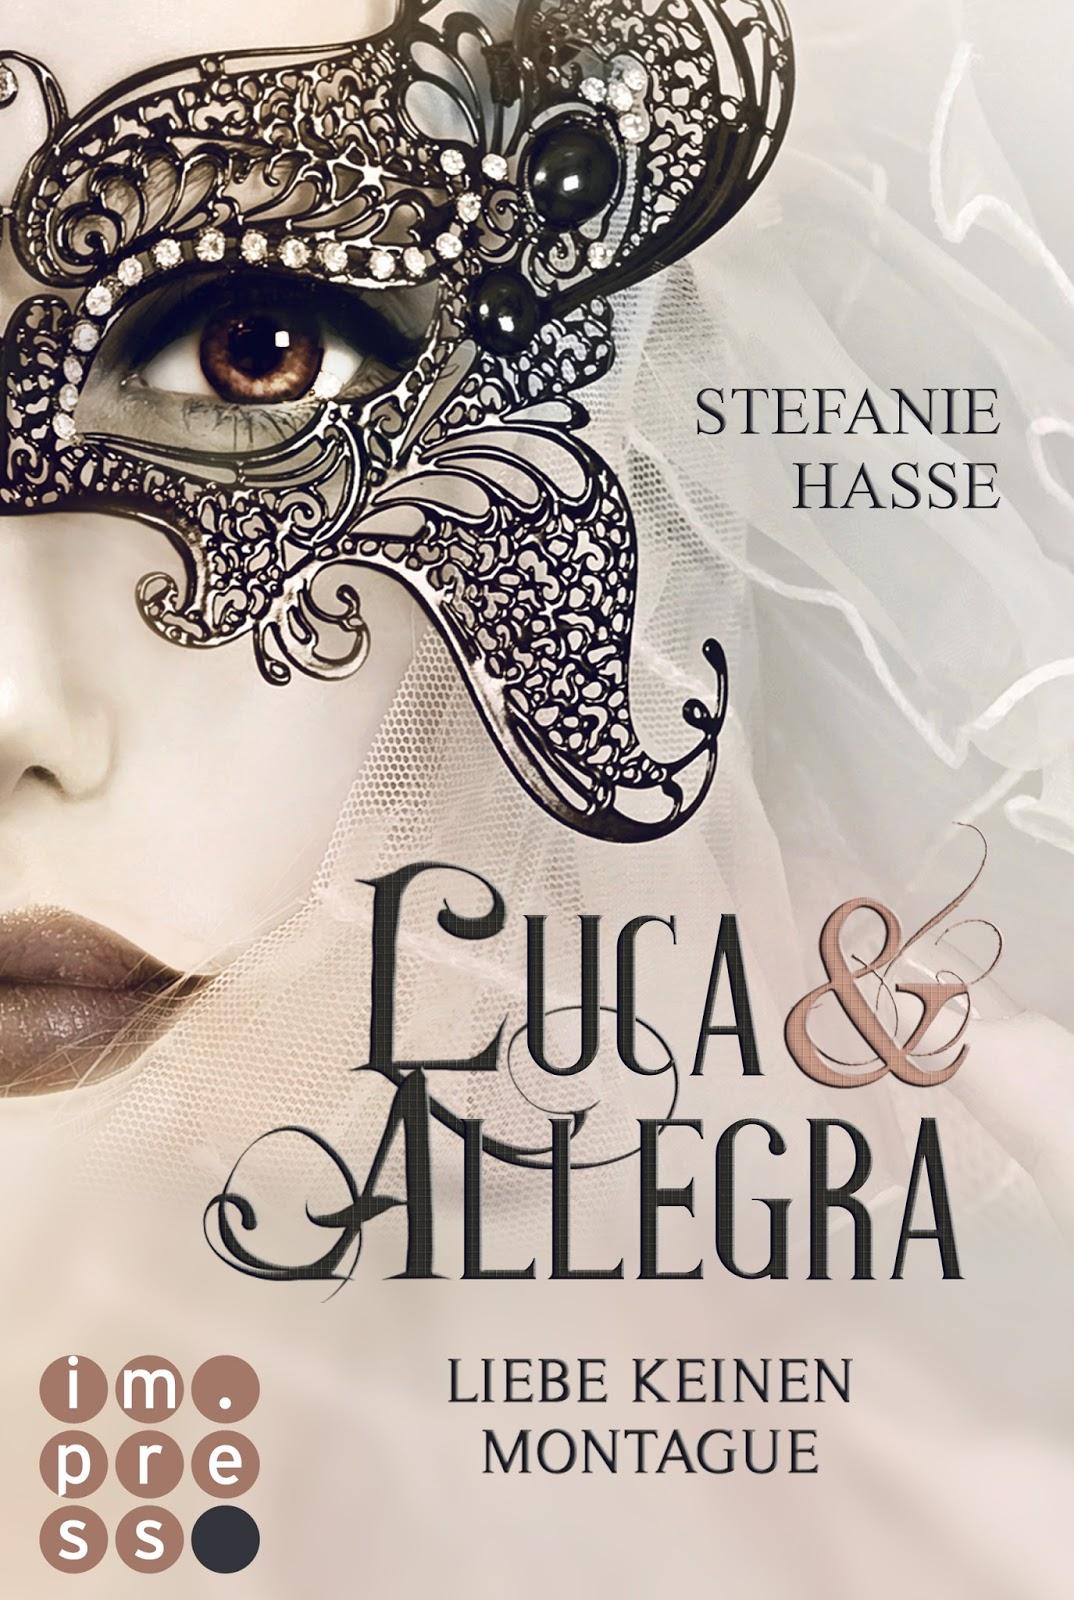 Luca und Allegra 01 - Liebe keinen Montague von Stefanie Hasse